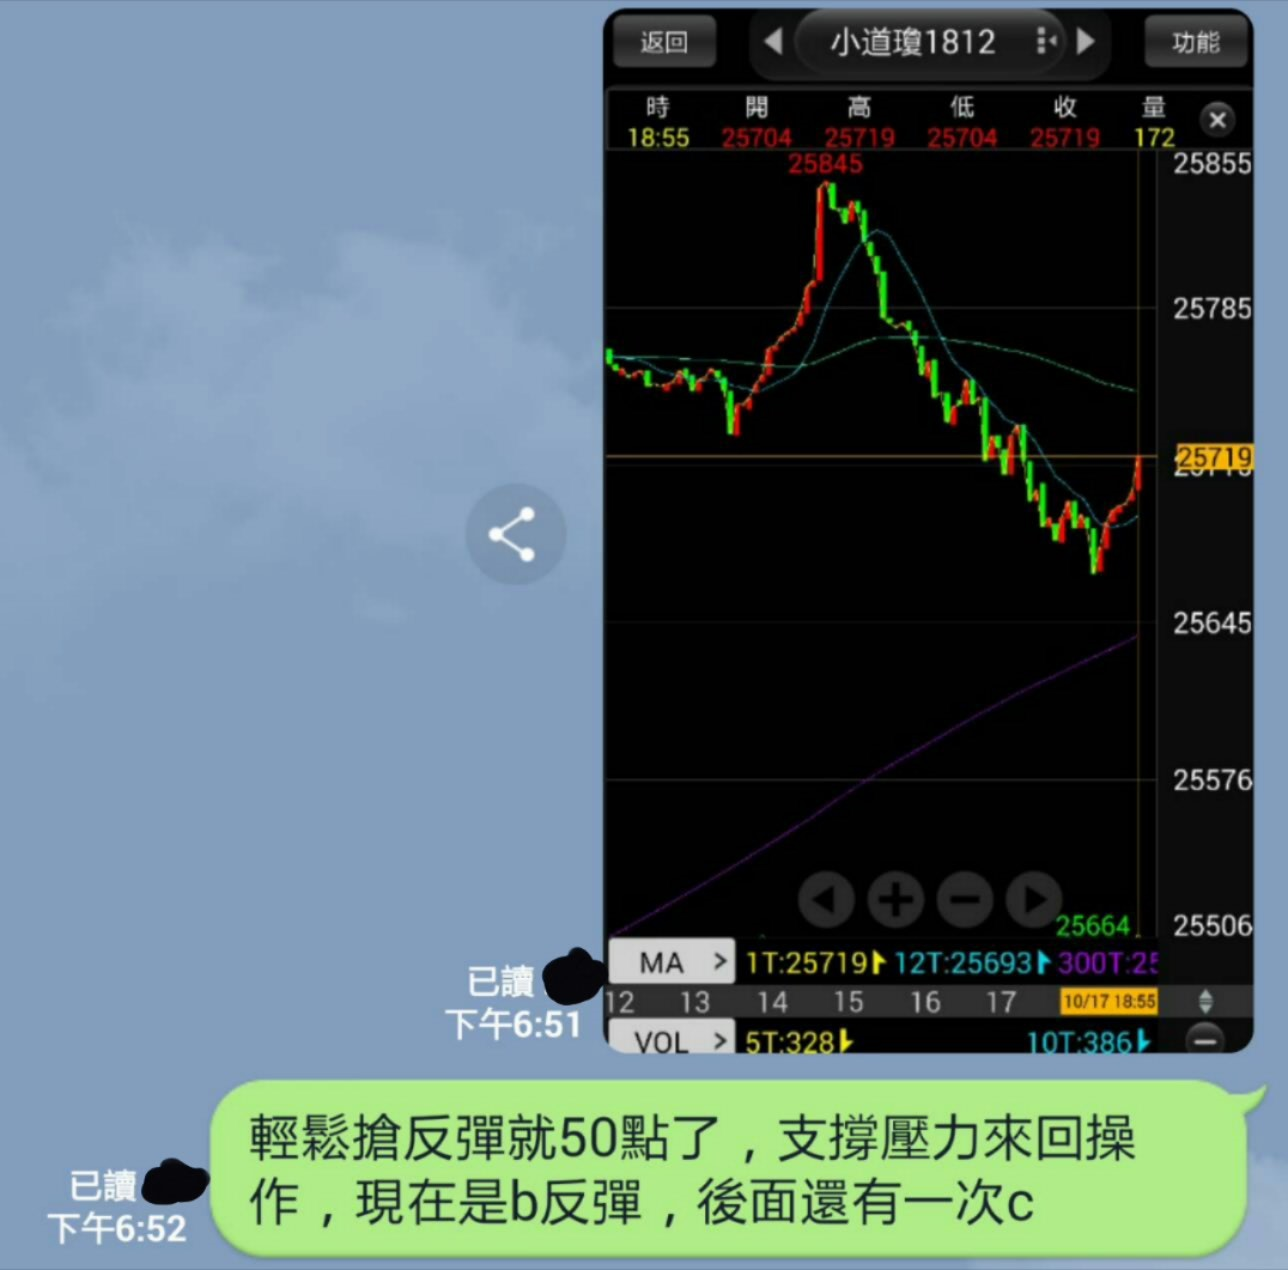 避開股災平安快樂_192